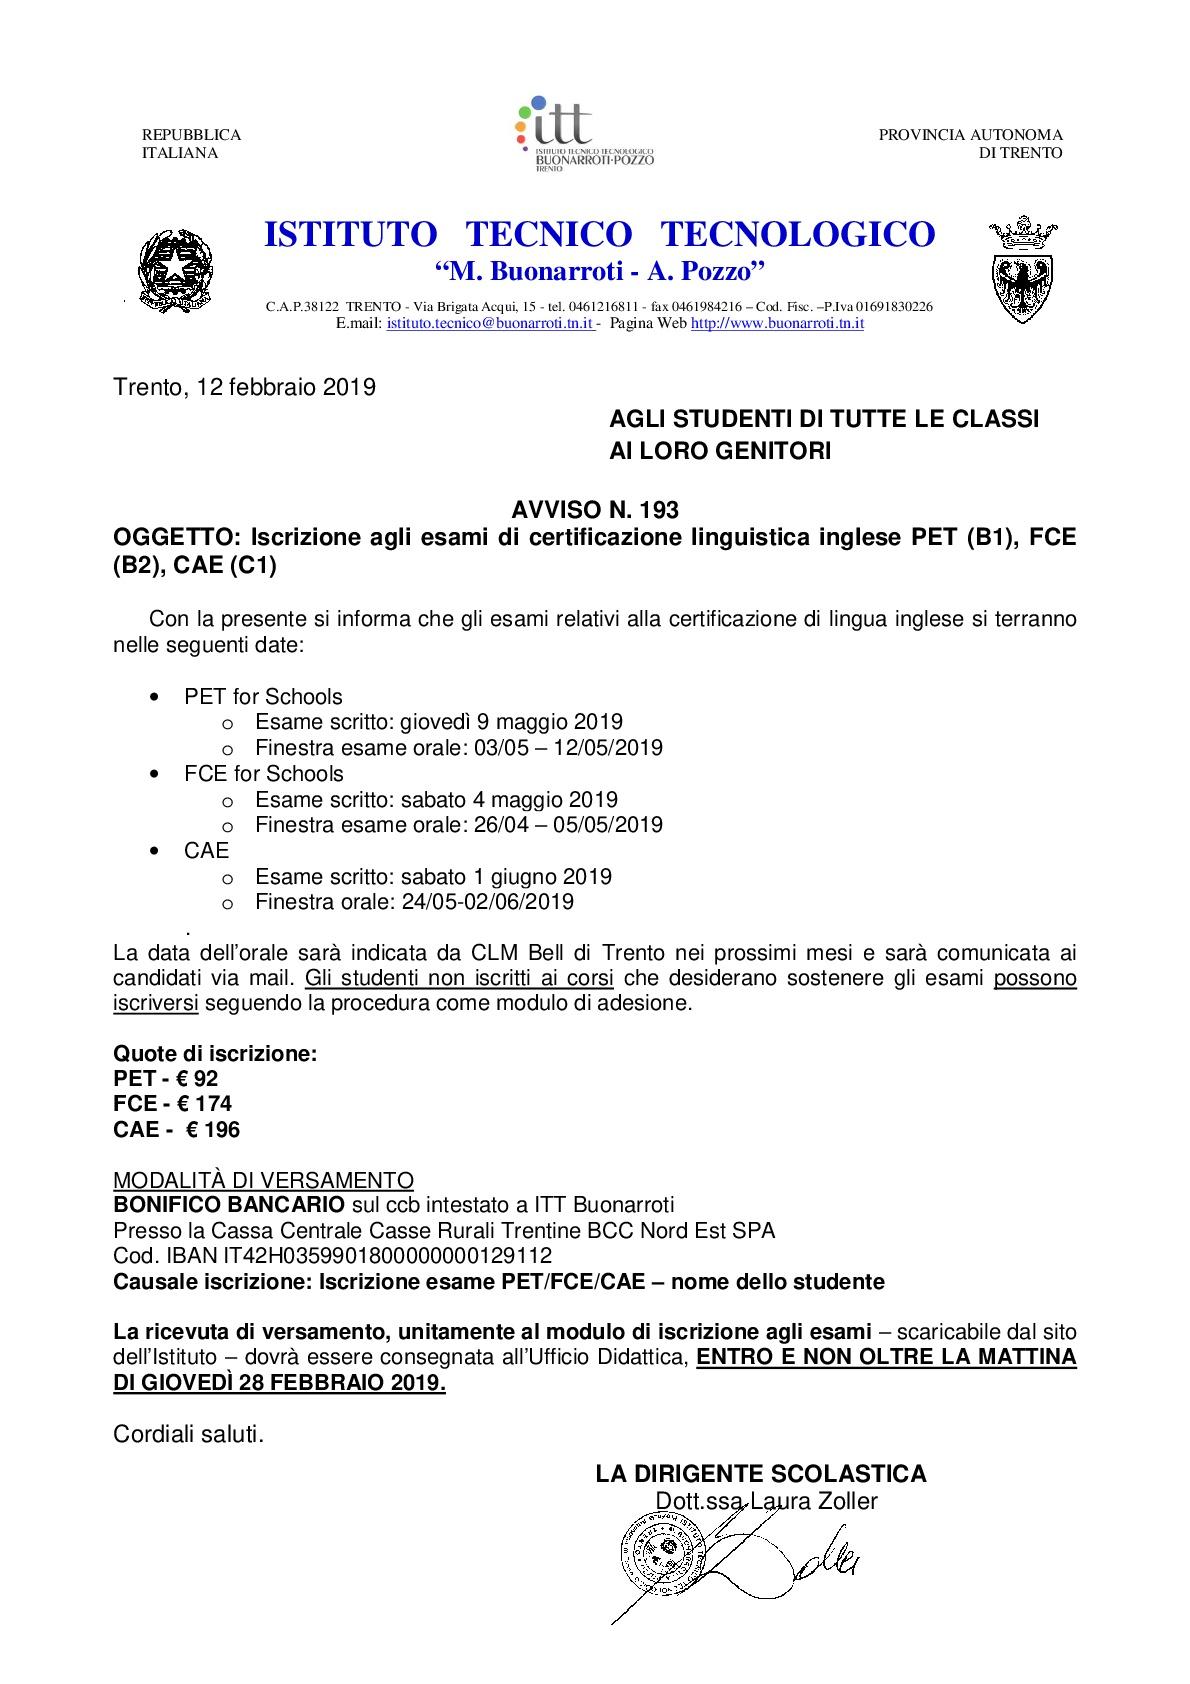 Itt Buonarroti Iscrizione Agli Esami Di Certificazione